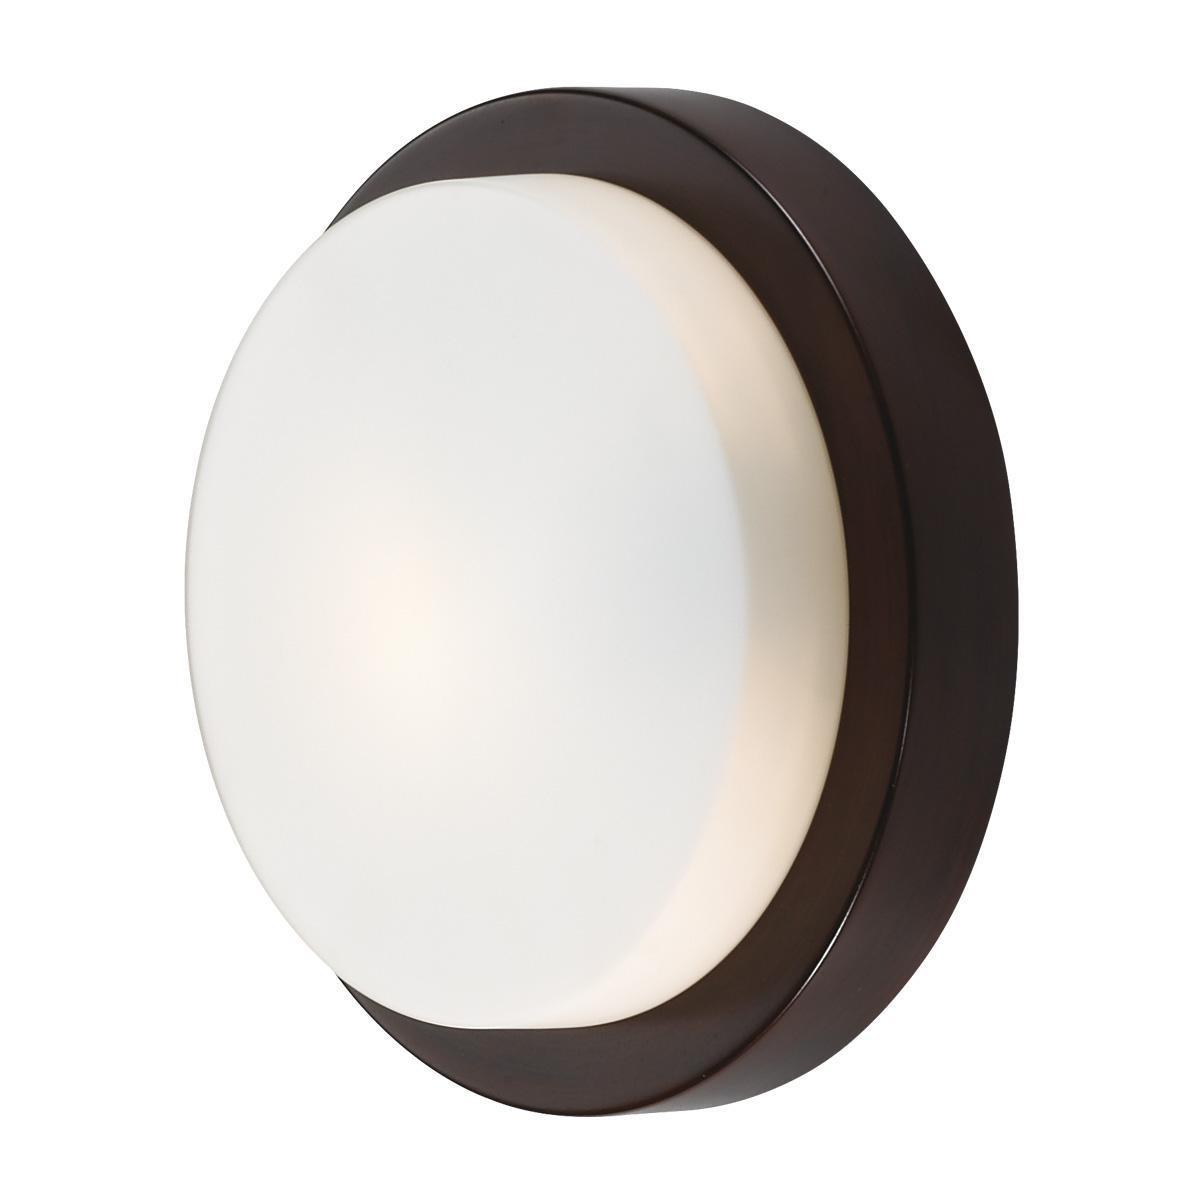 Потолочный светильник Odeon Light 2744/1C, белый потолочный светильник odeon light holger 2744 3c